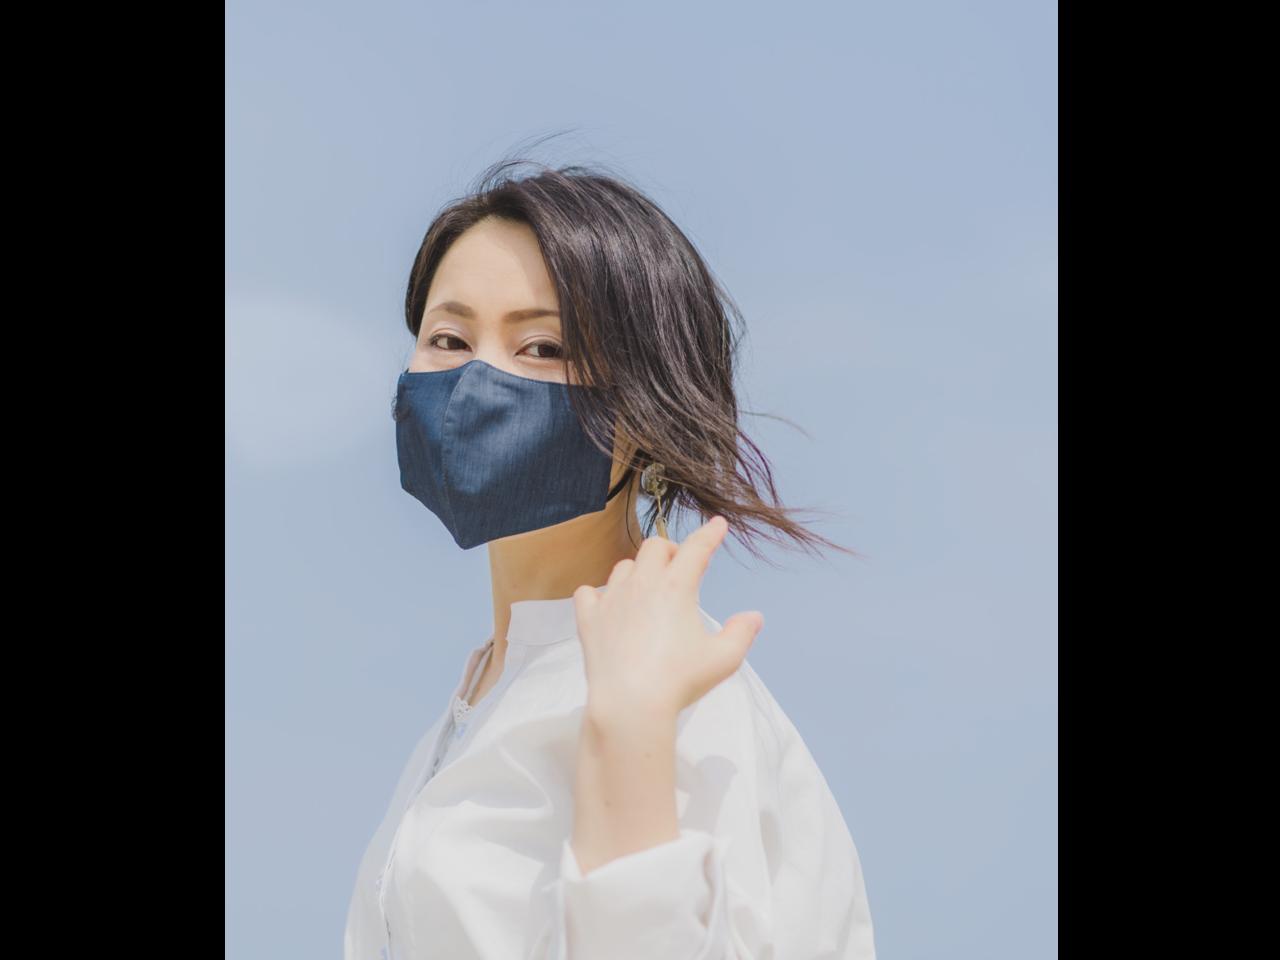 石川県能登半島の伝統・技術を日常に。15分で完売した「ひんやり麻マスク」を発売中。